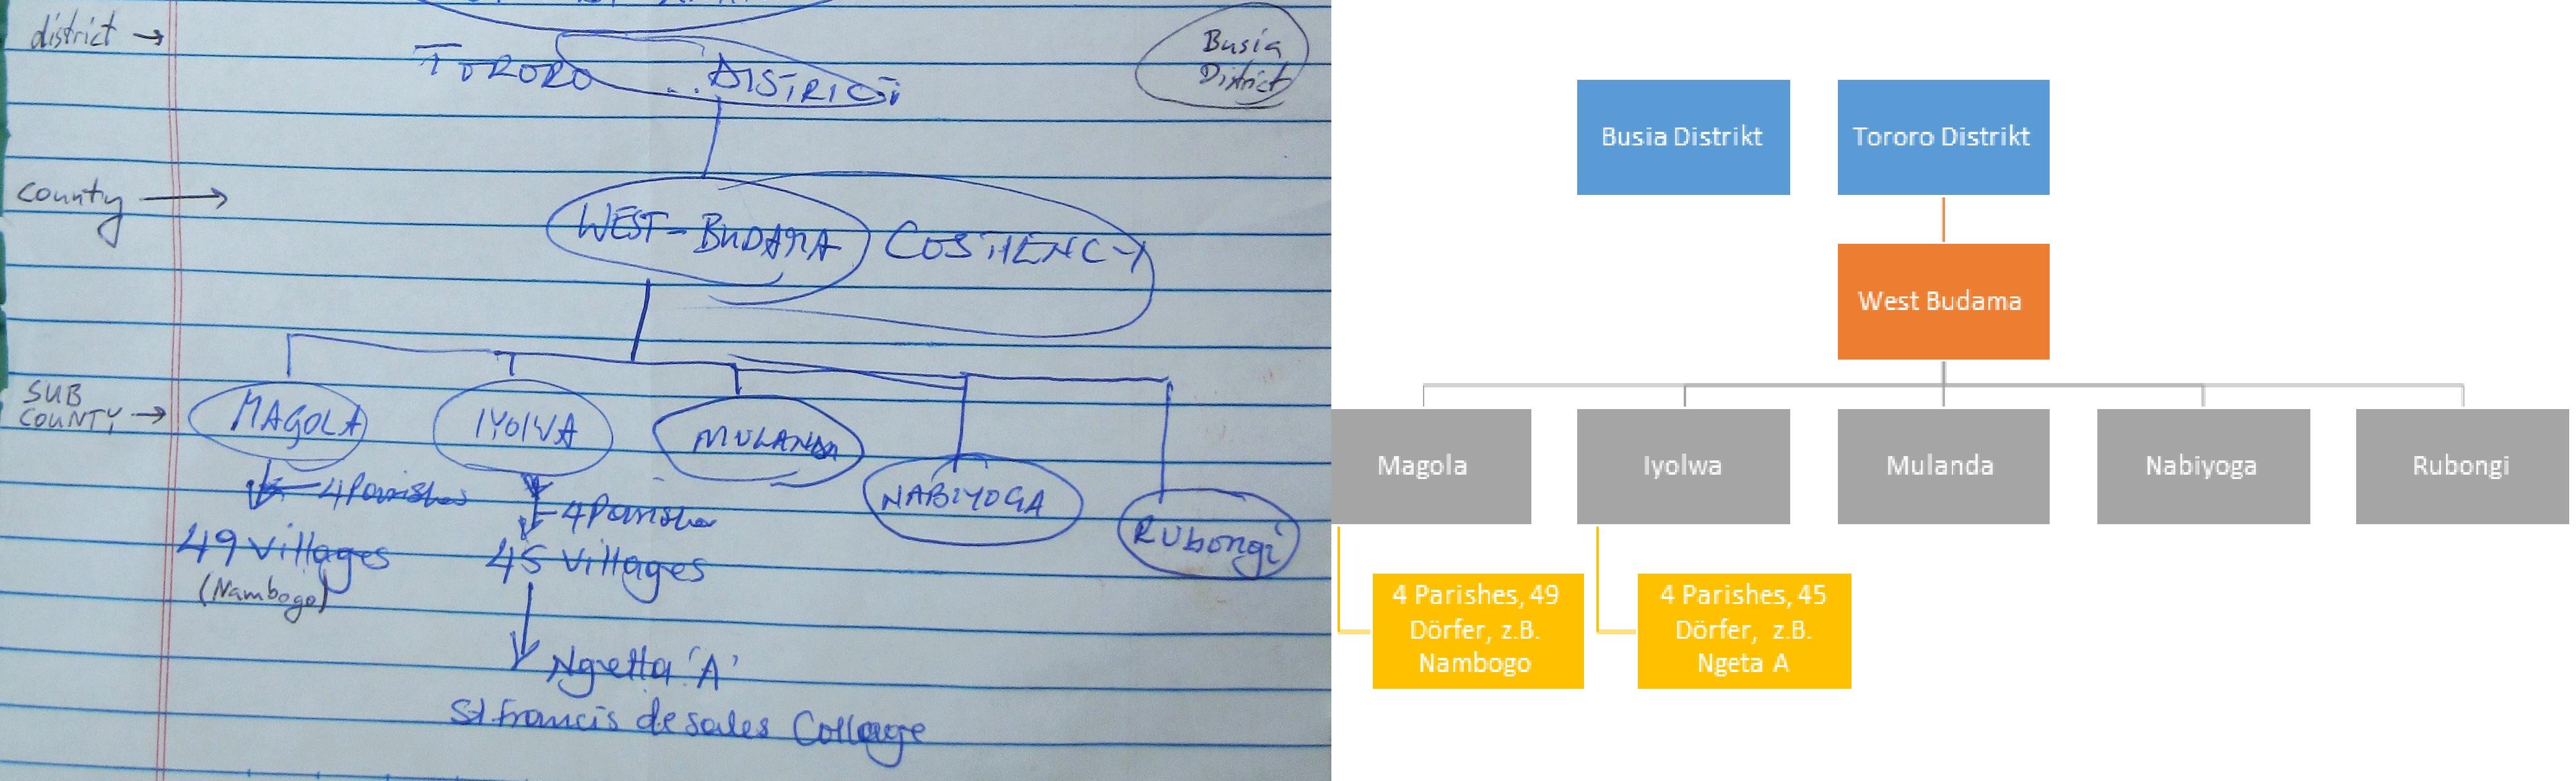 Das mit Opendi Anthony mittels IoG-Methode ermittelte politische Organigramm der Region